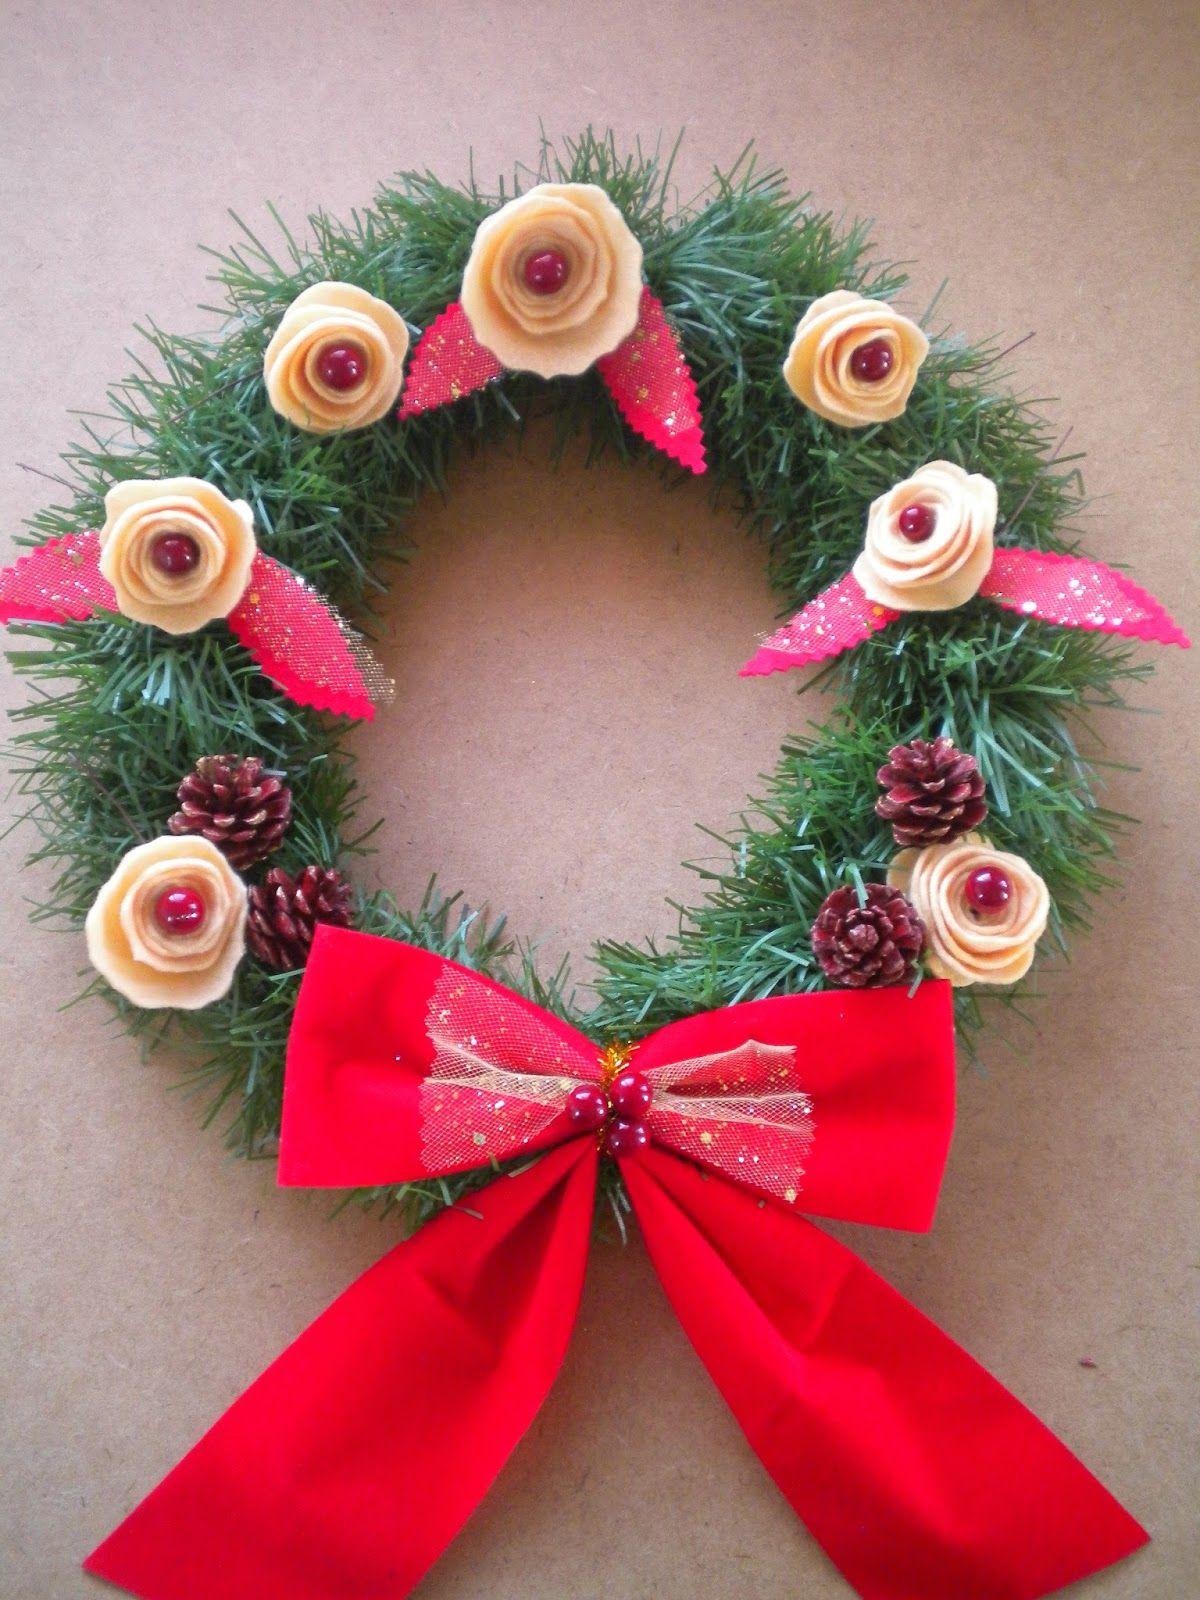 Coronas de navidad para decorar en las fiestas coronas pinterest navidad coronas de - Imagenes de manualidades ...